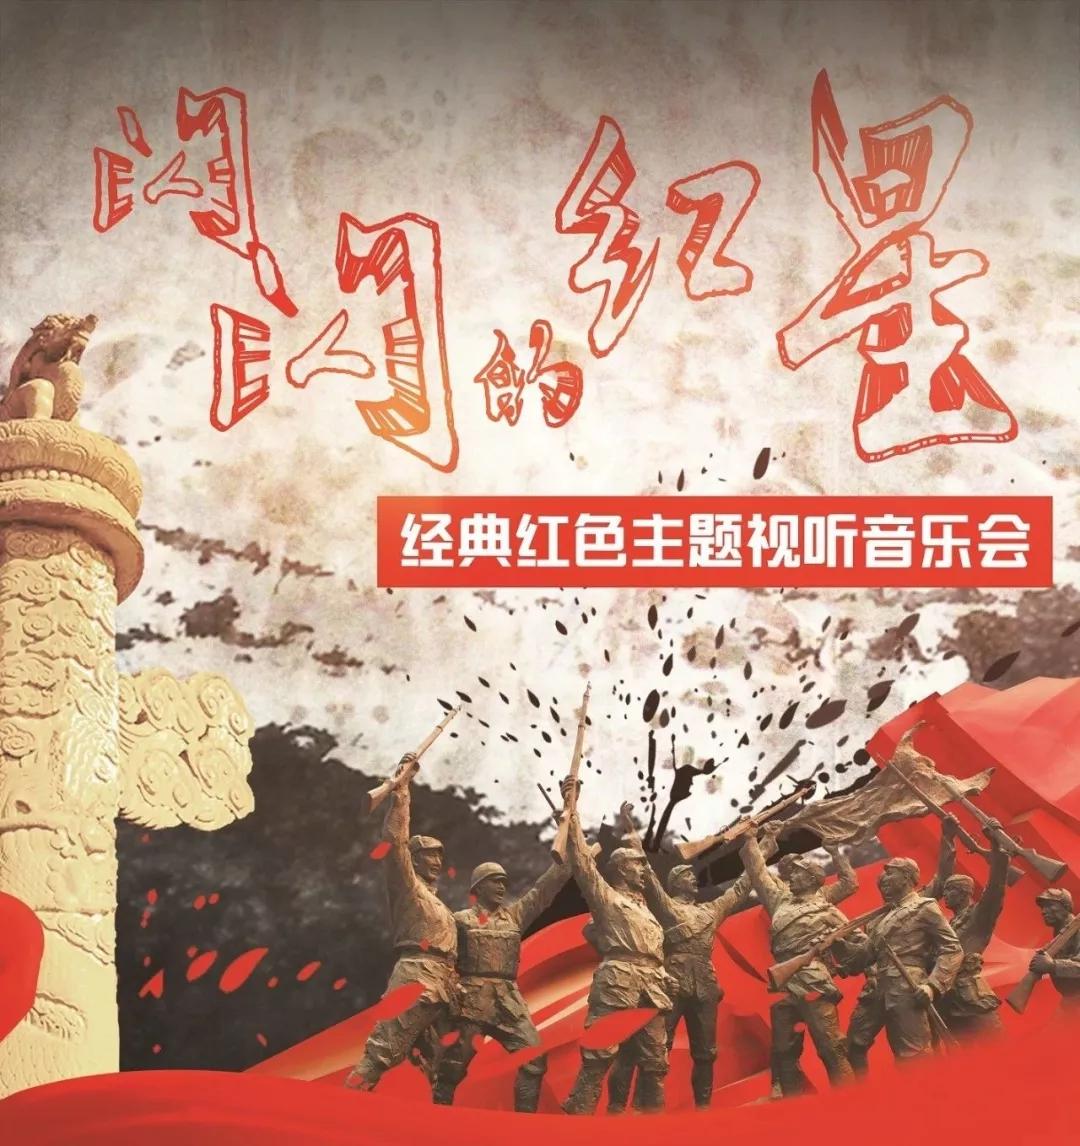 2019音乐会《闪闪红星》郑州站票价、节目单及演出信息